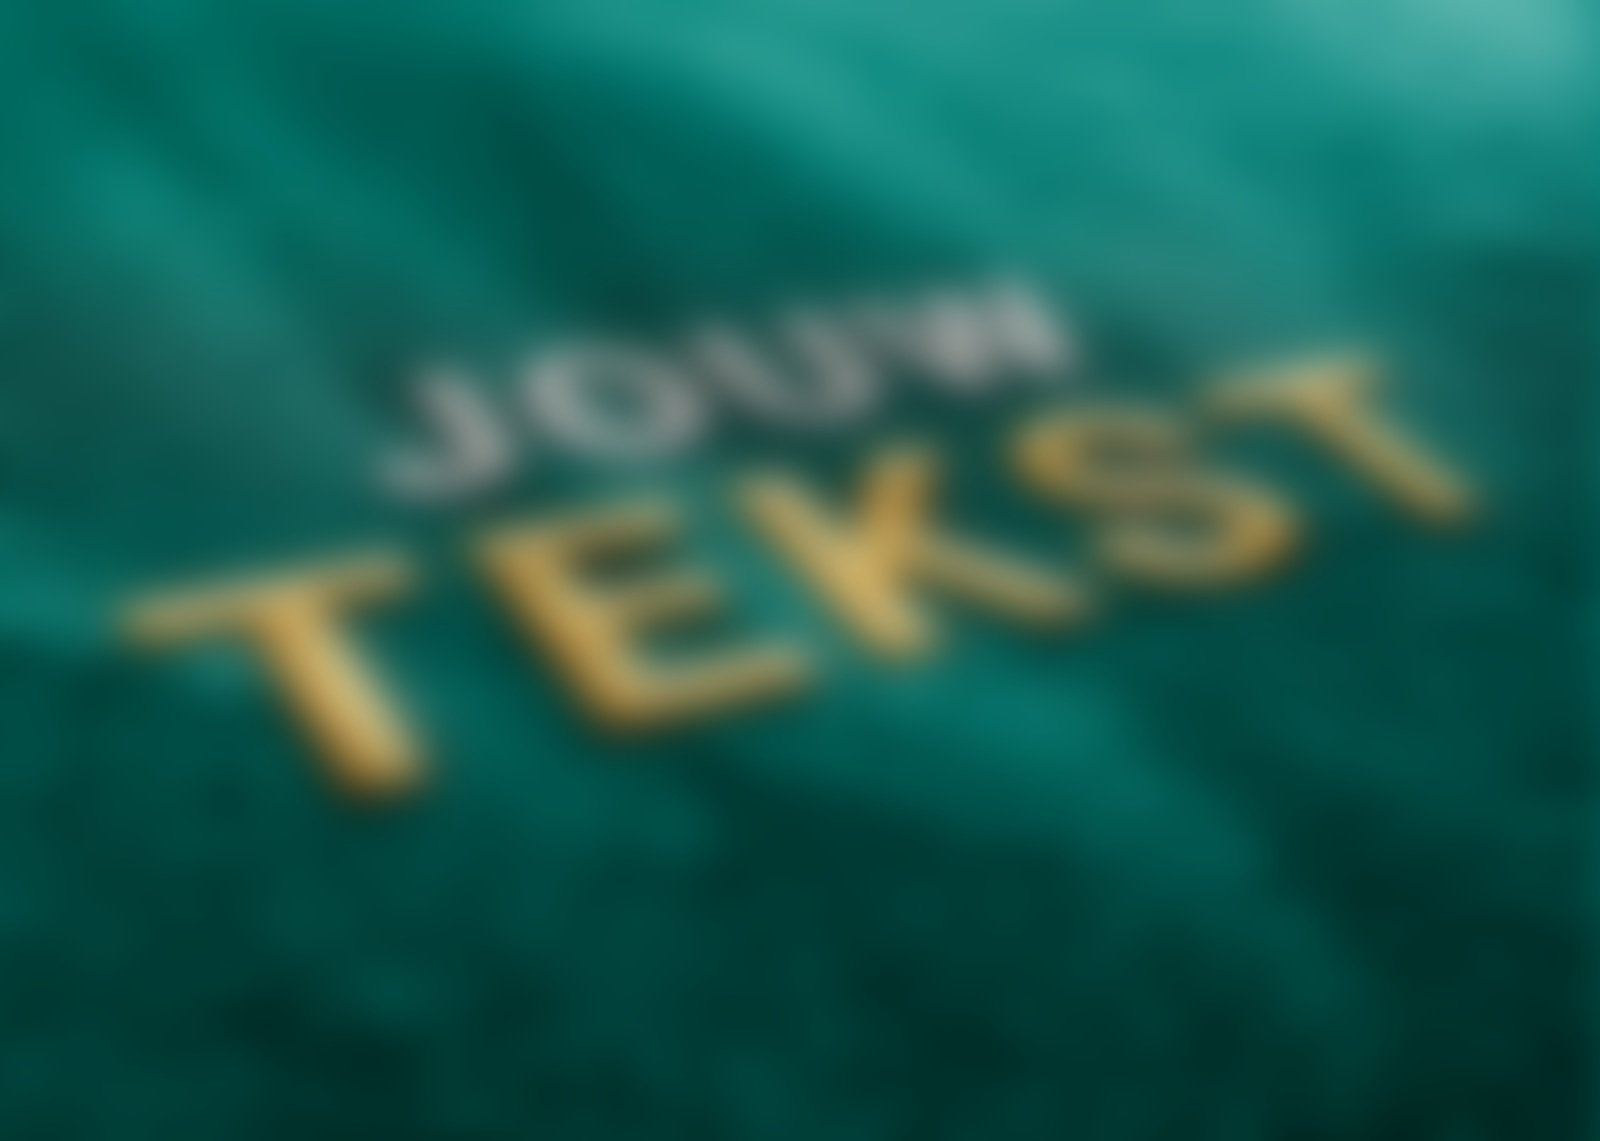 Geborduurde tekst in een close-up